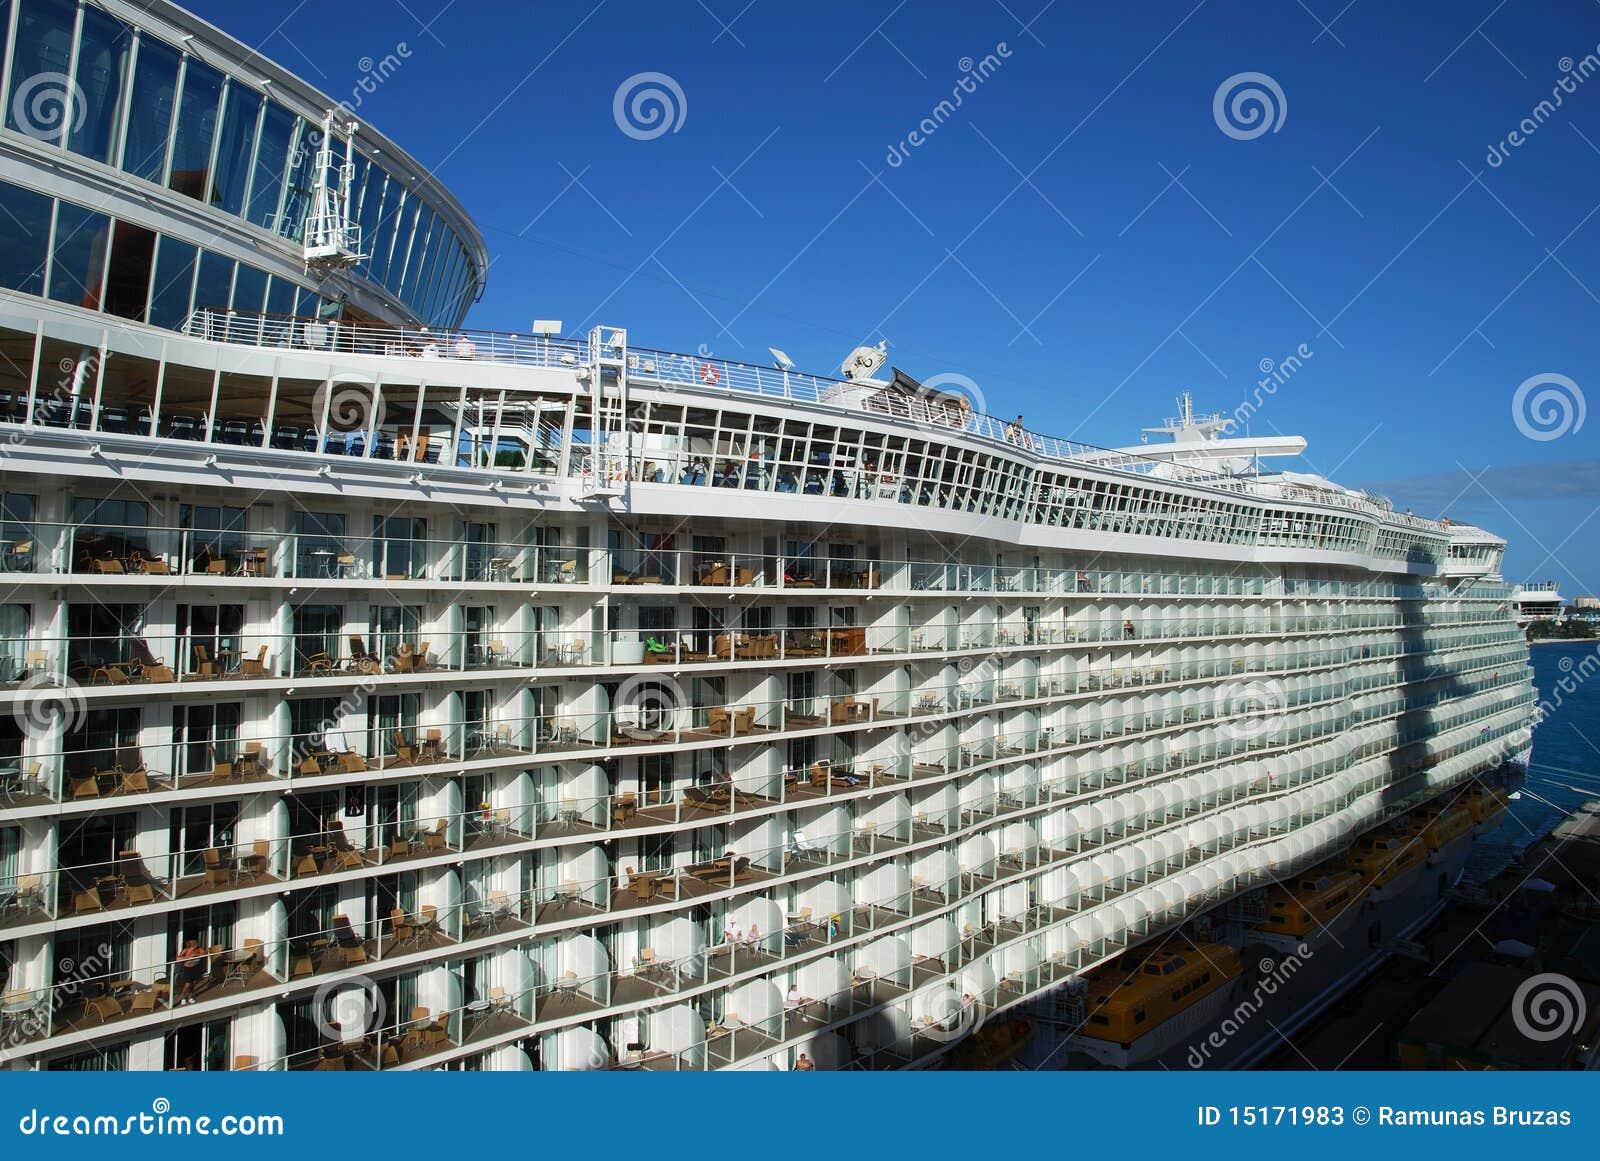 Cruise Giant